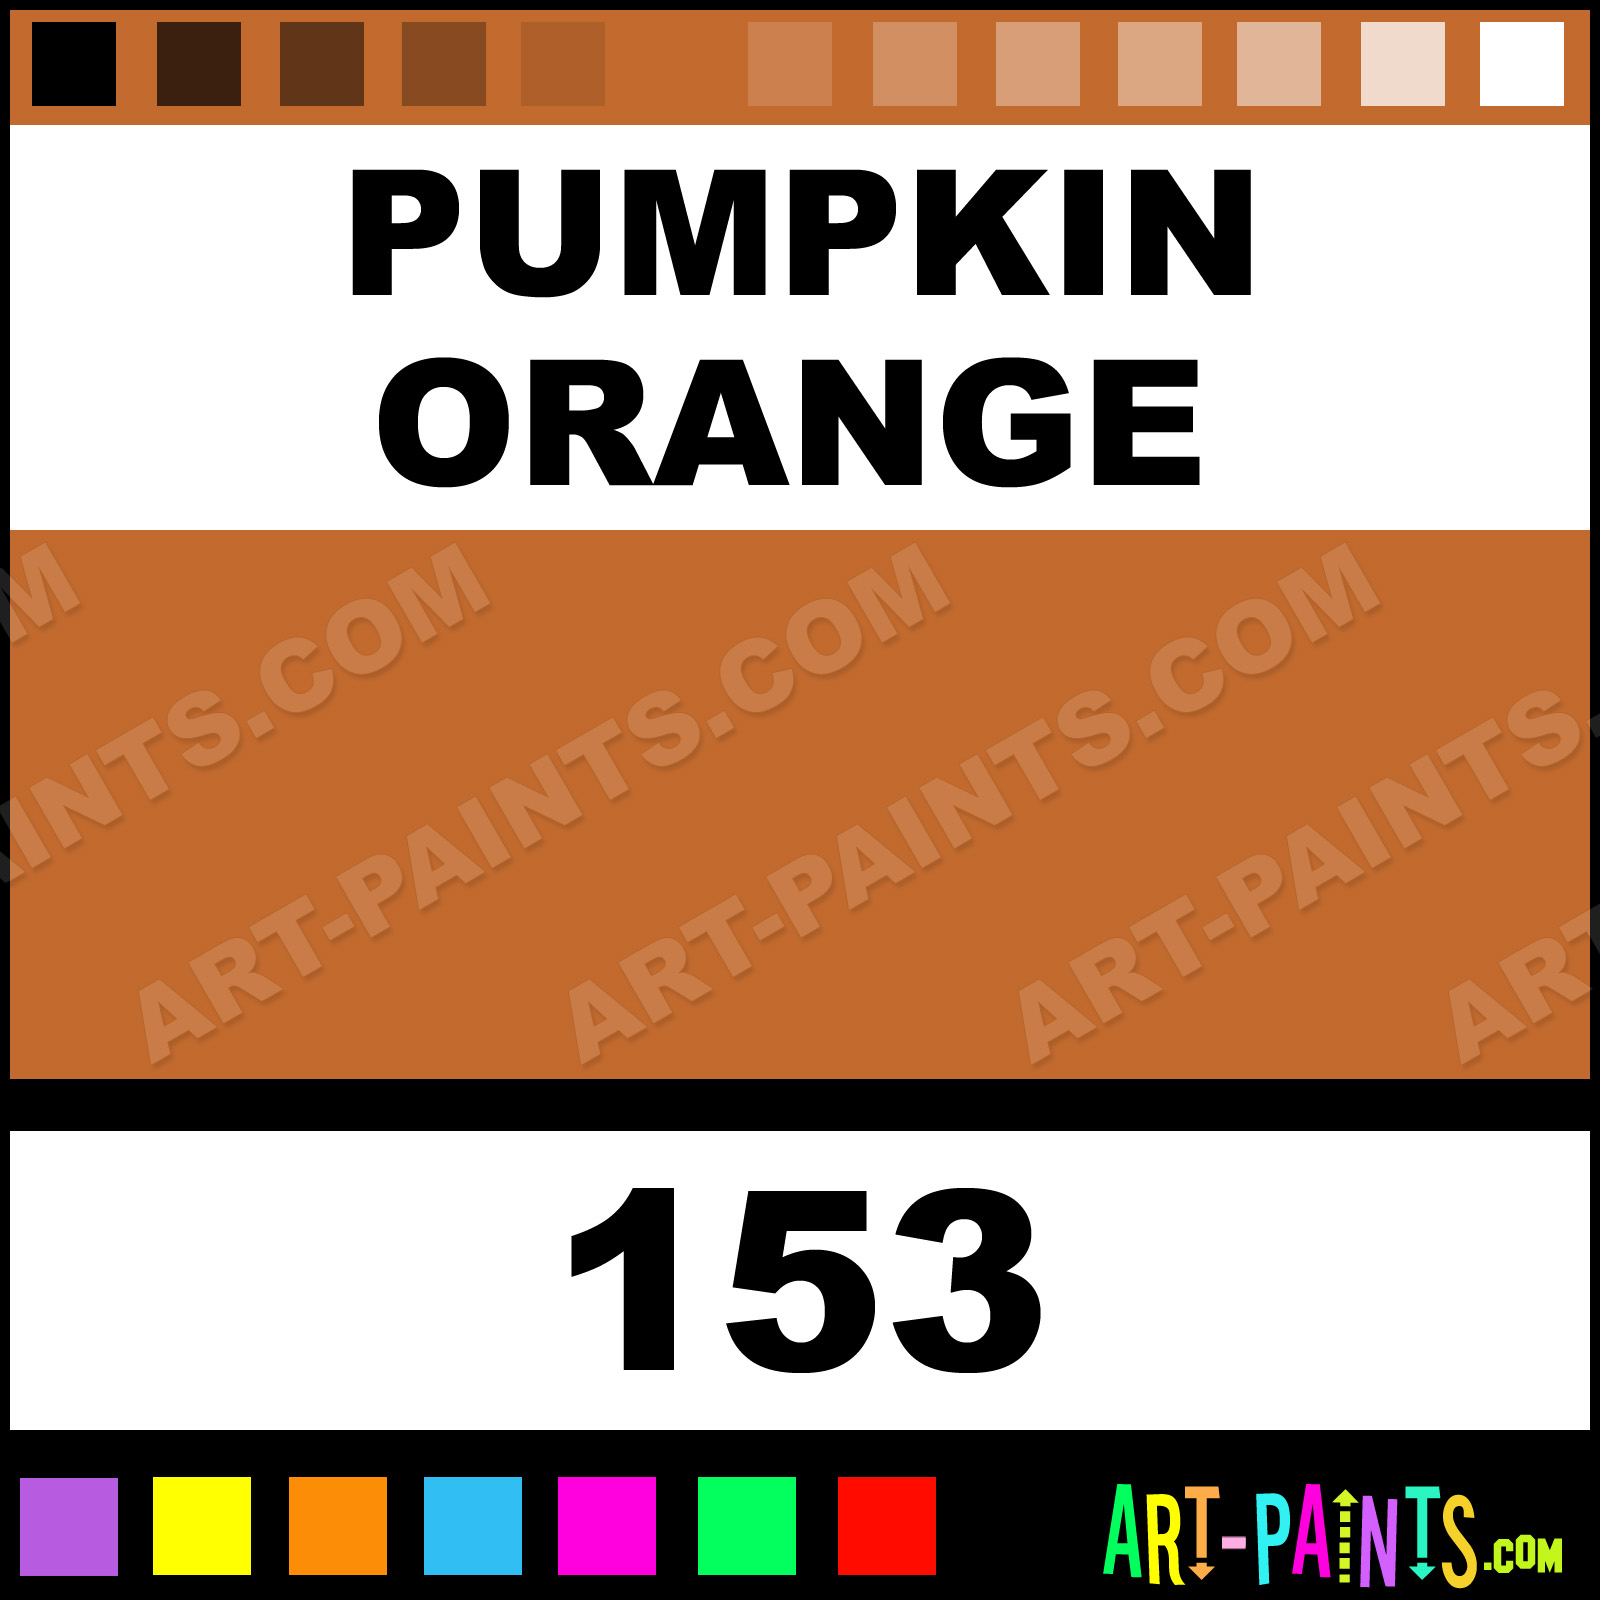 Pumpkin Orange Paint pumpkin orange four-in-one paintmarker marking pen paints - 153